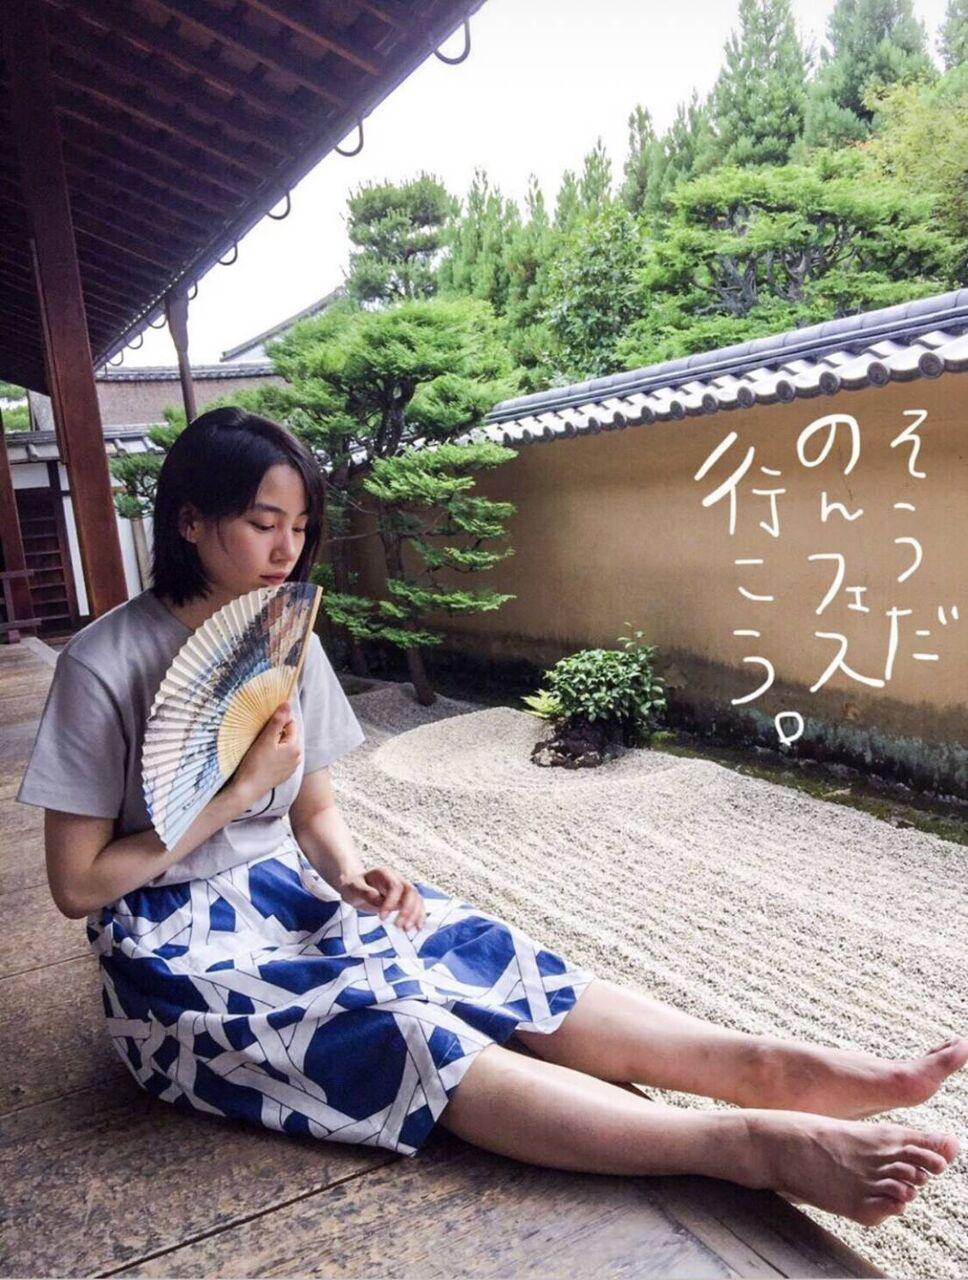 【悲報】能年玲奈ちゃん(27)の足が太すぎるwwwwwwwwwww【画像あり】